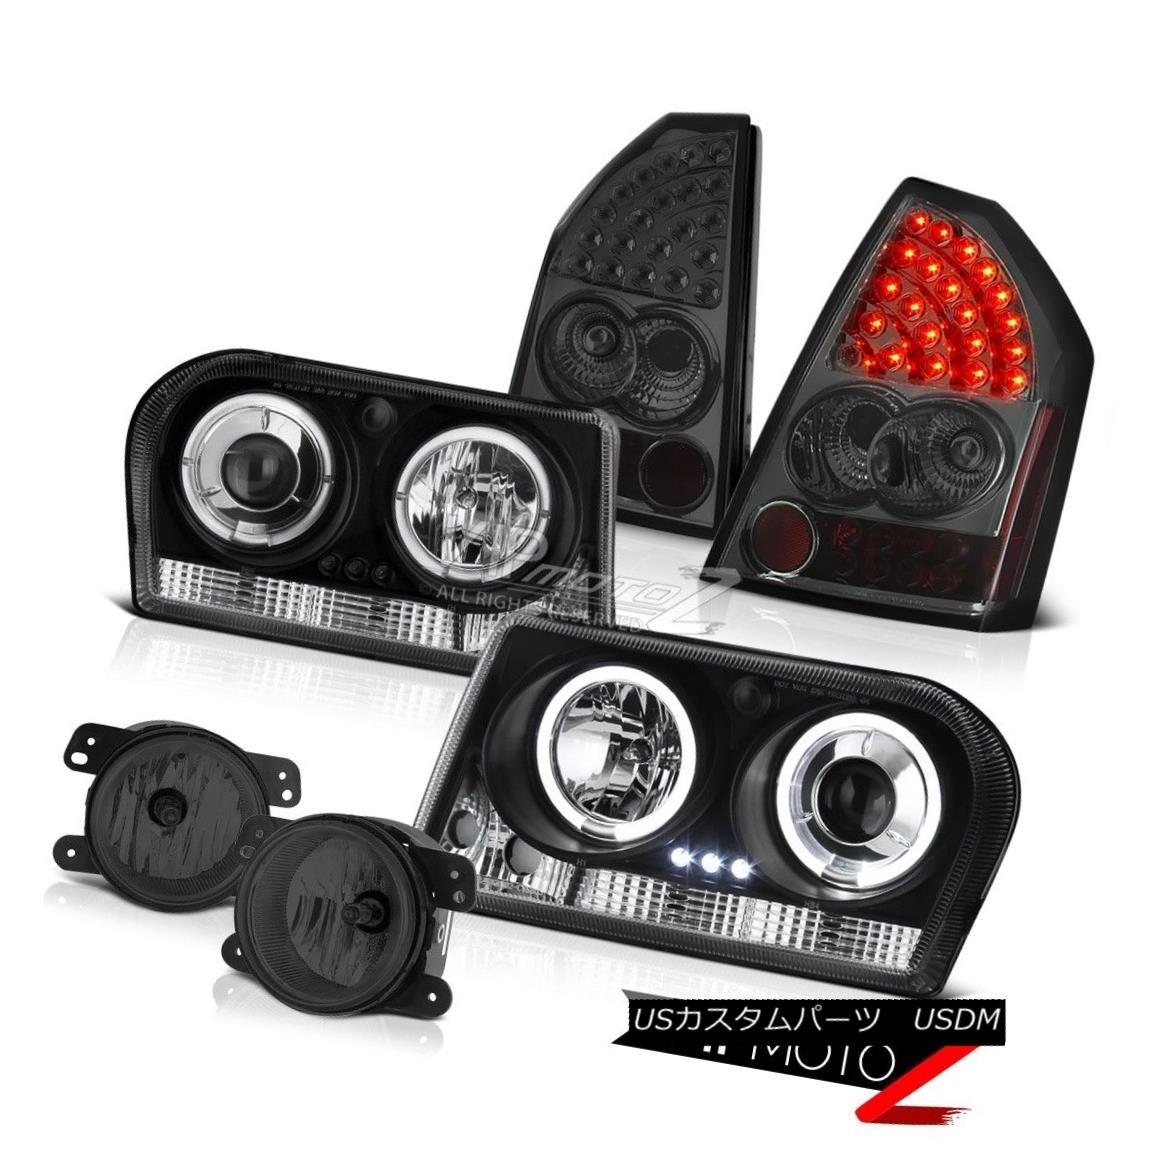 テールライト 2005-2007 Chrysler 300 2.7L LED Projector Headlights L.E.D Tail Lights Smoke Fog 2005-2007クライスラー300 2.7L LEDプロジェクターヘッドライトL.E.Dテールライトスモークフォグ